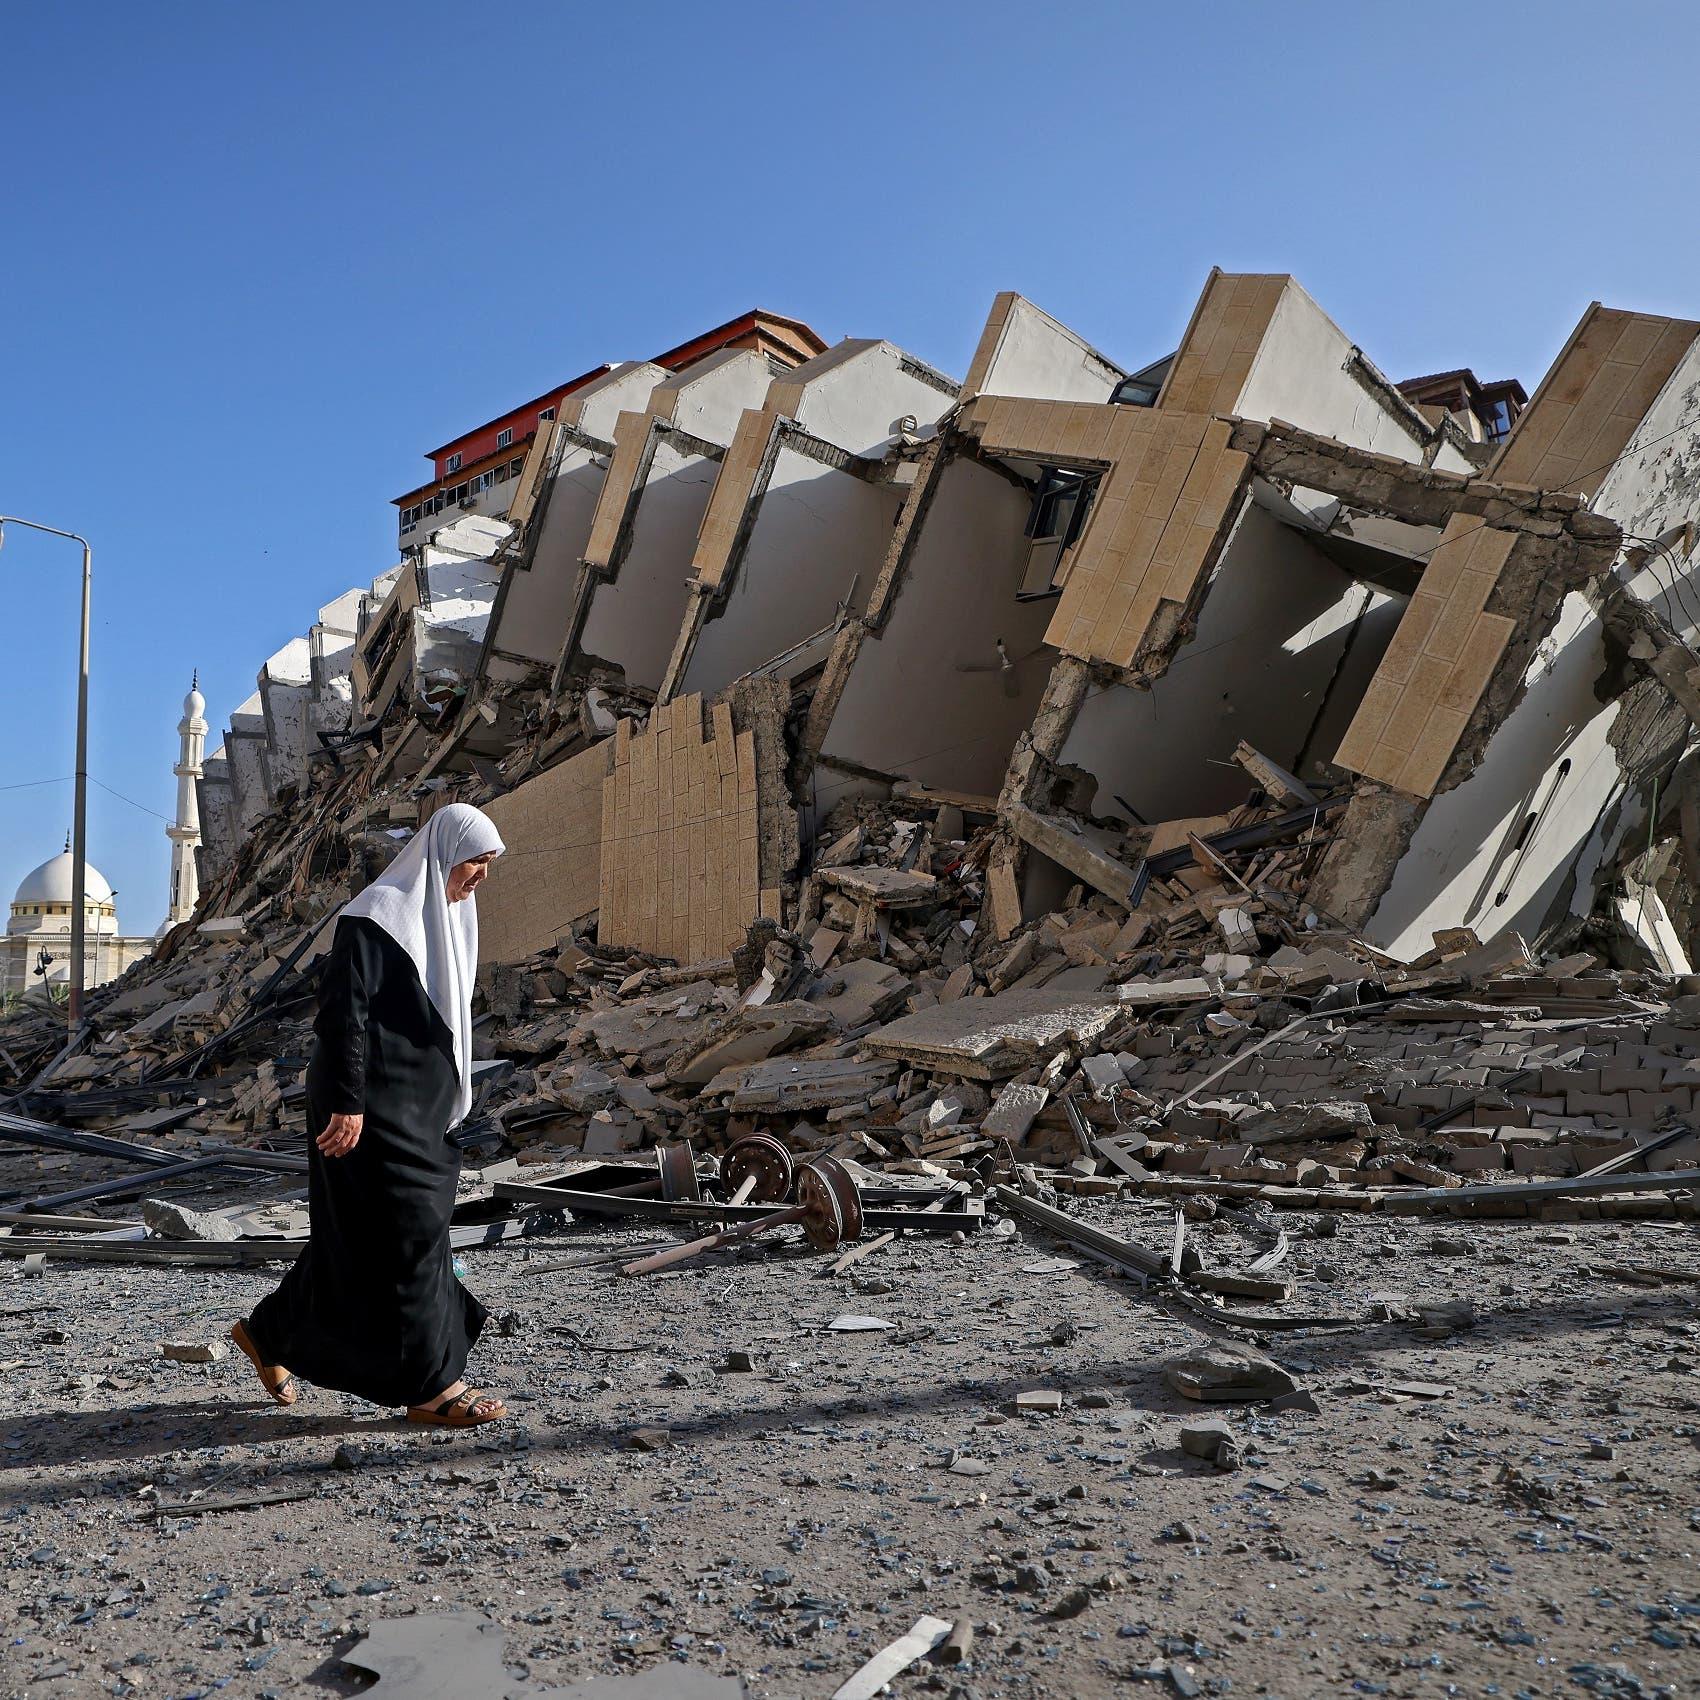 صحيفة أميركية تفند أسباب تأجيج المواجهات والدفع بغزة لحافة الهاوية